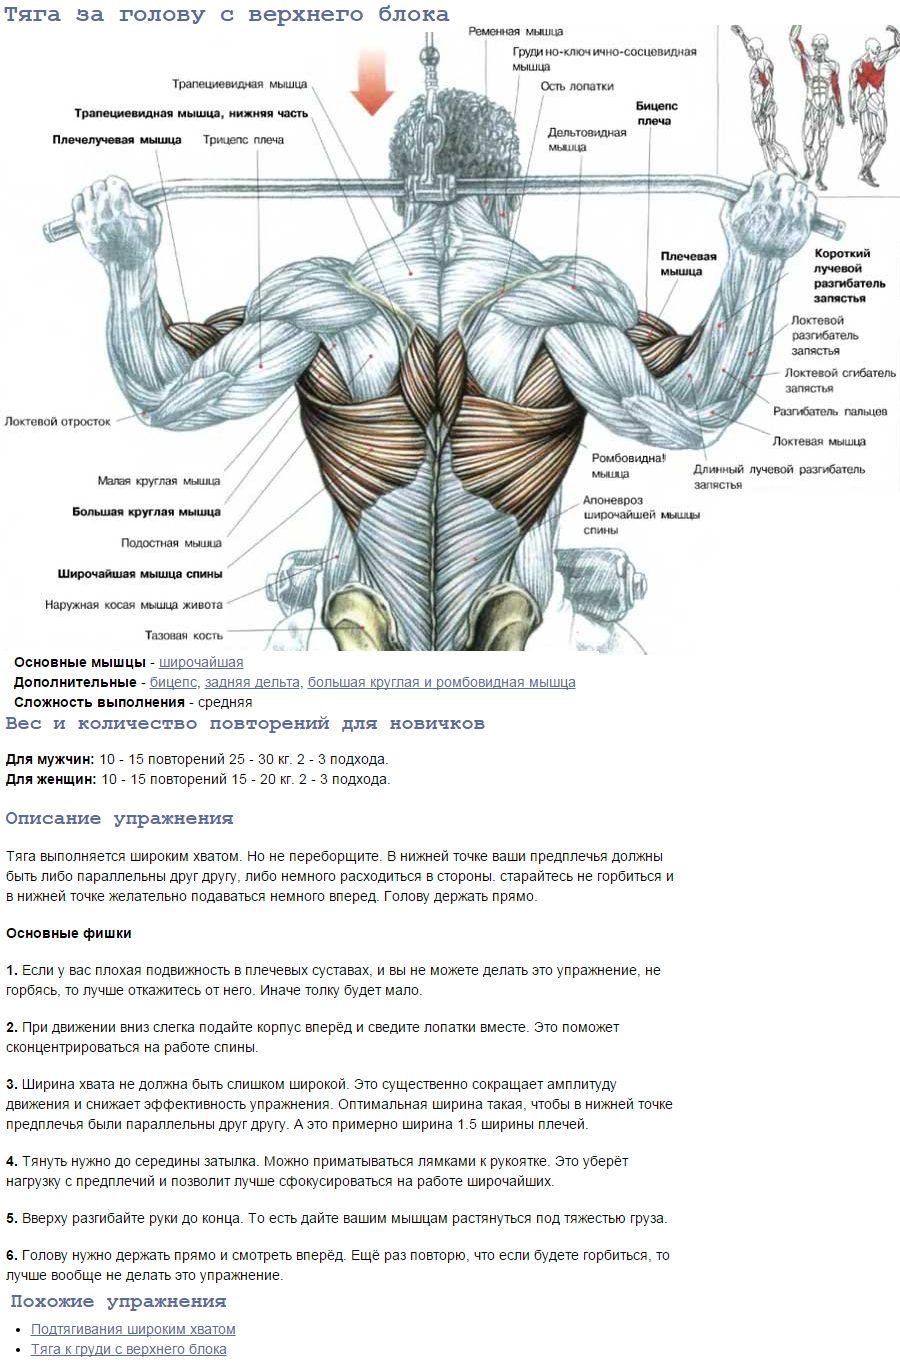 Тяга верхнего блока за голову для v спины